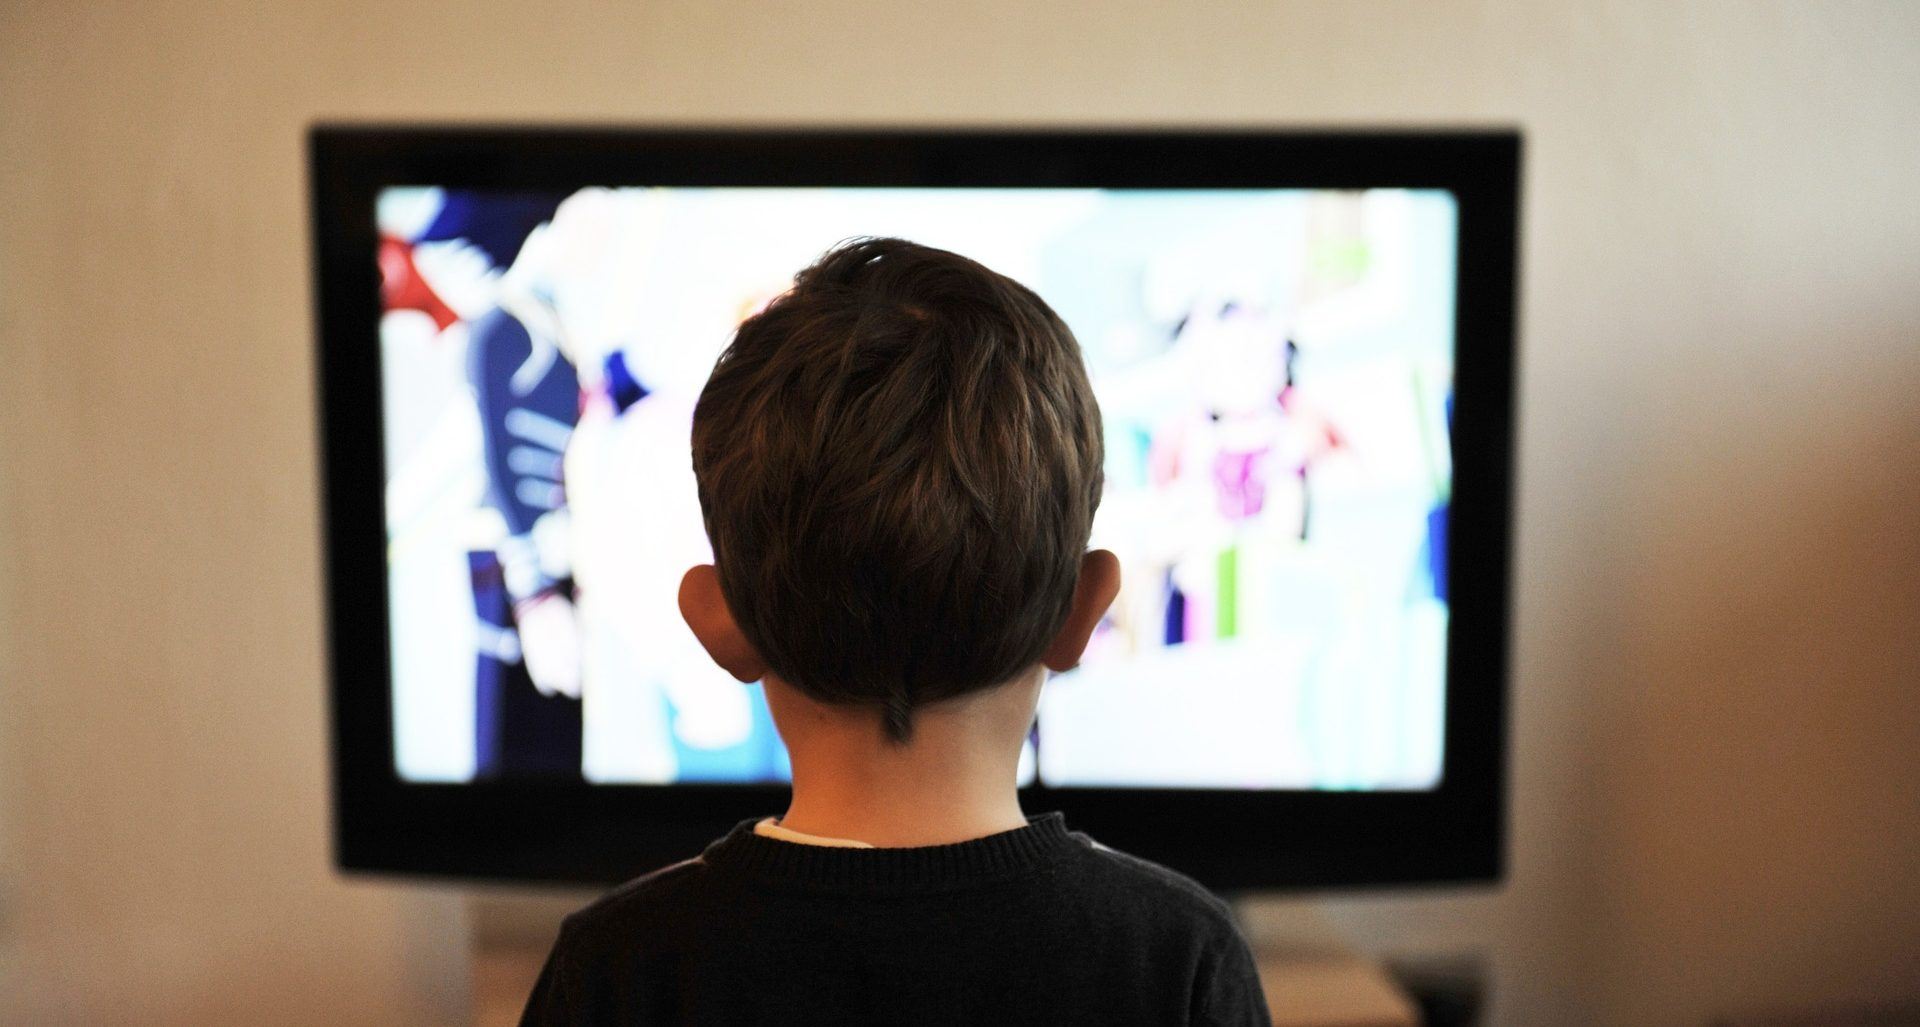 Gewinnspiele im Fernsehen